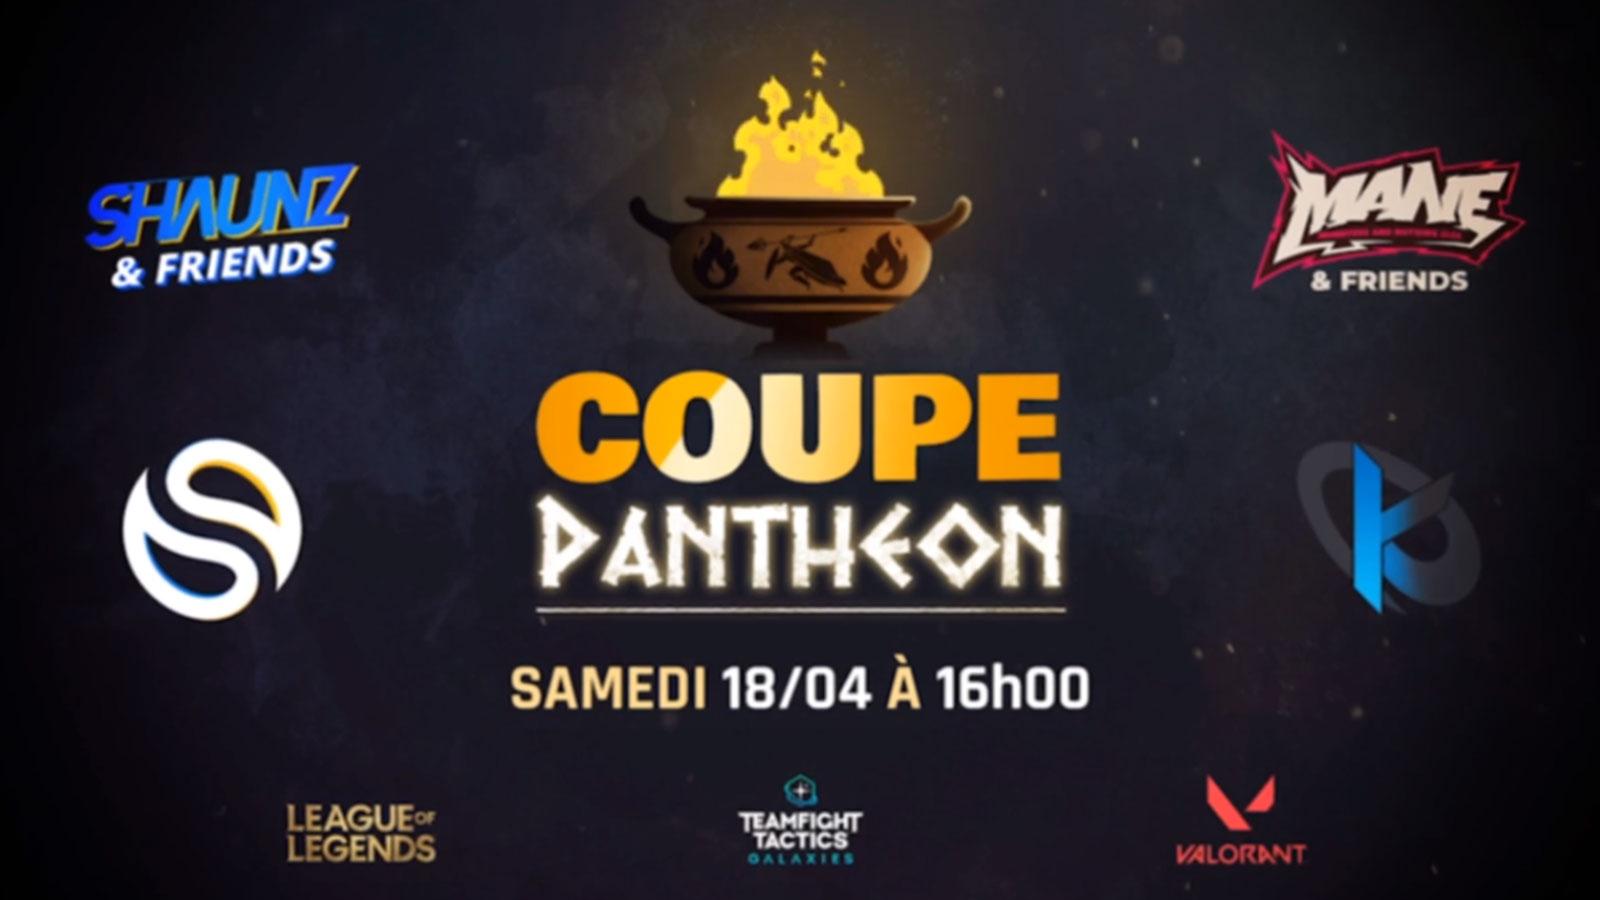 Découvrez les détails de la Coupe Panthéon